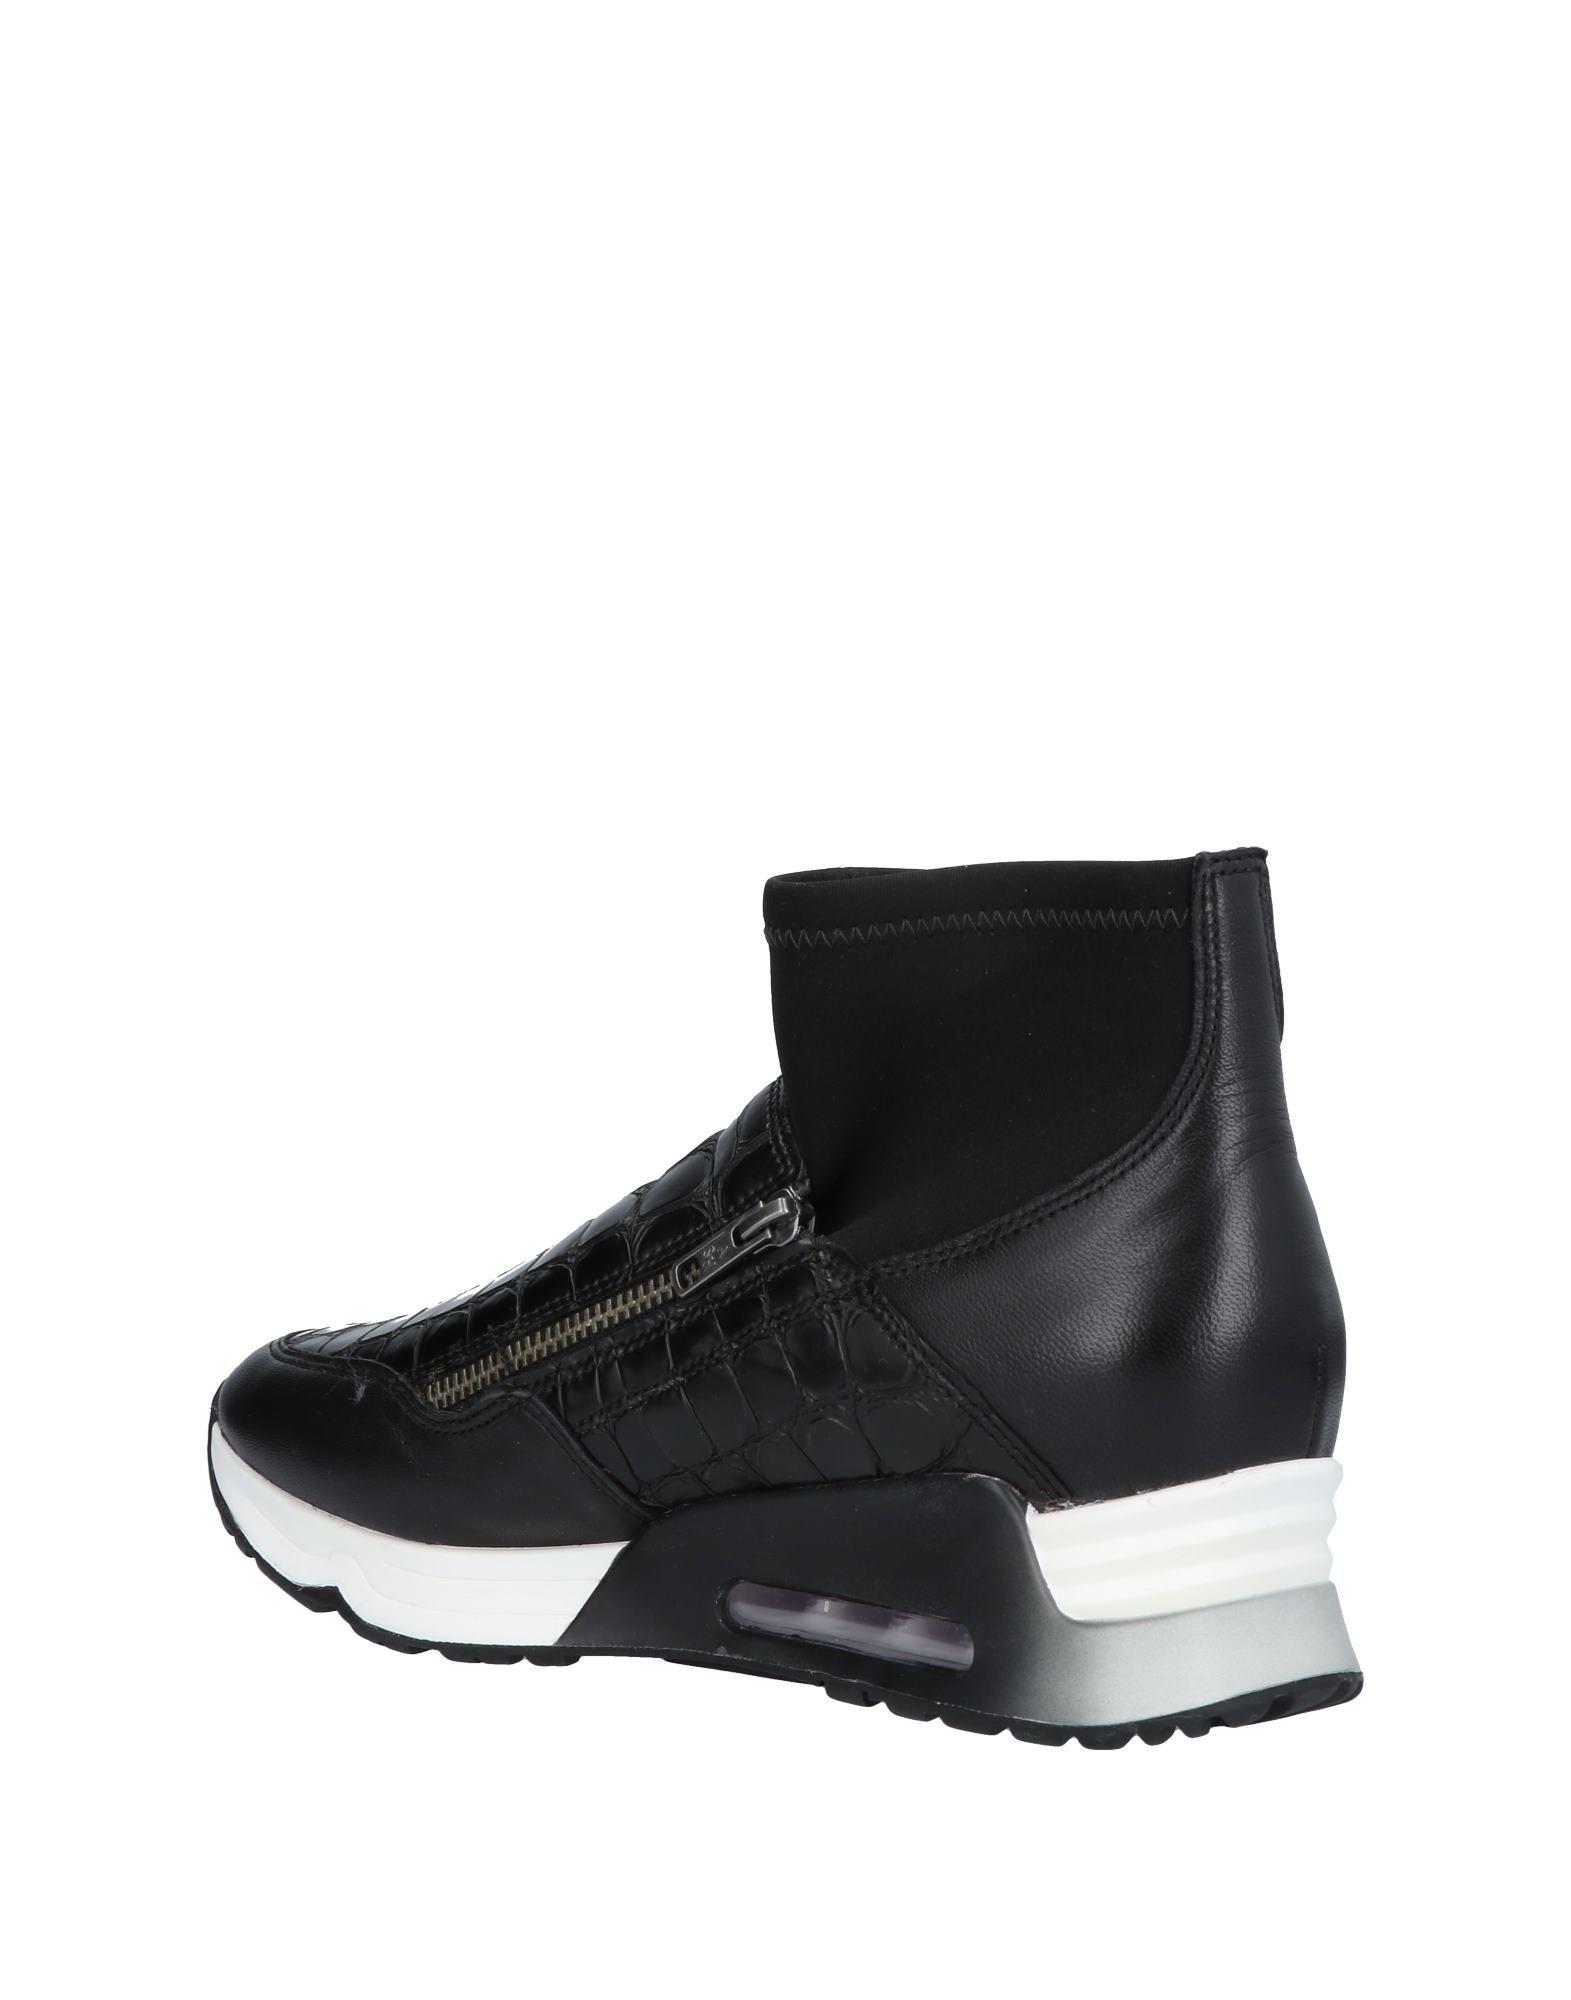 Ash Sneakers Damen  11421590FS Gute beliebte Qualität beliebte Gute Schuhe 27f32d